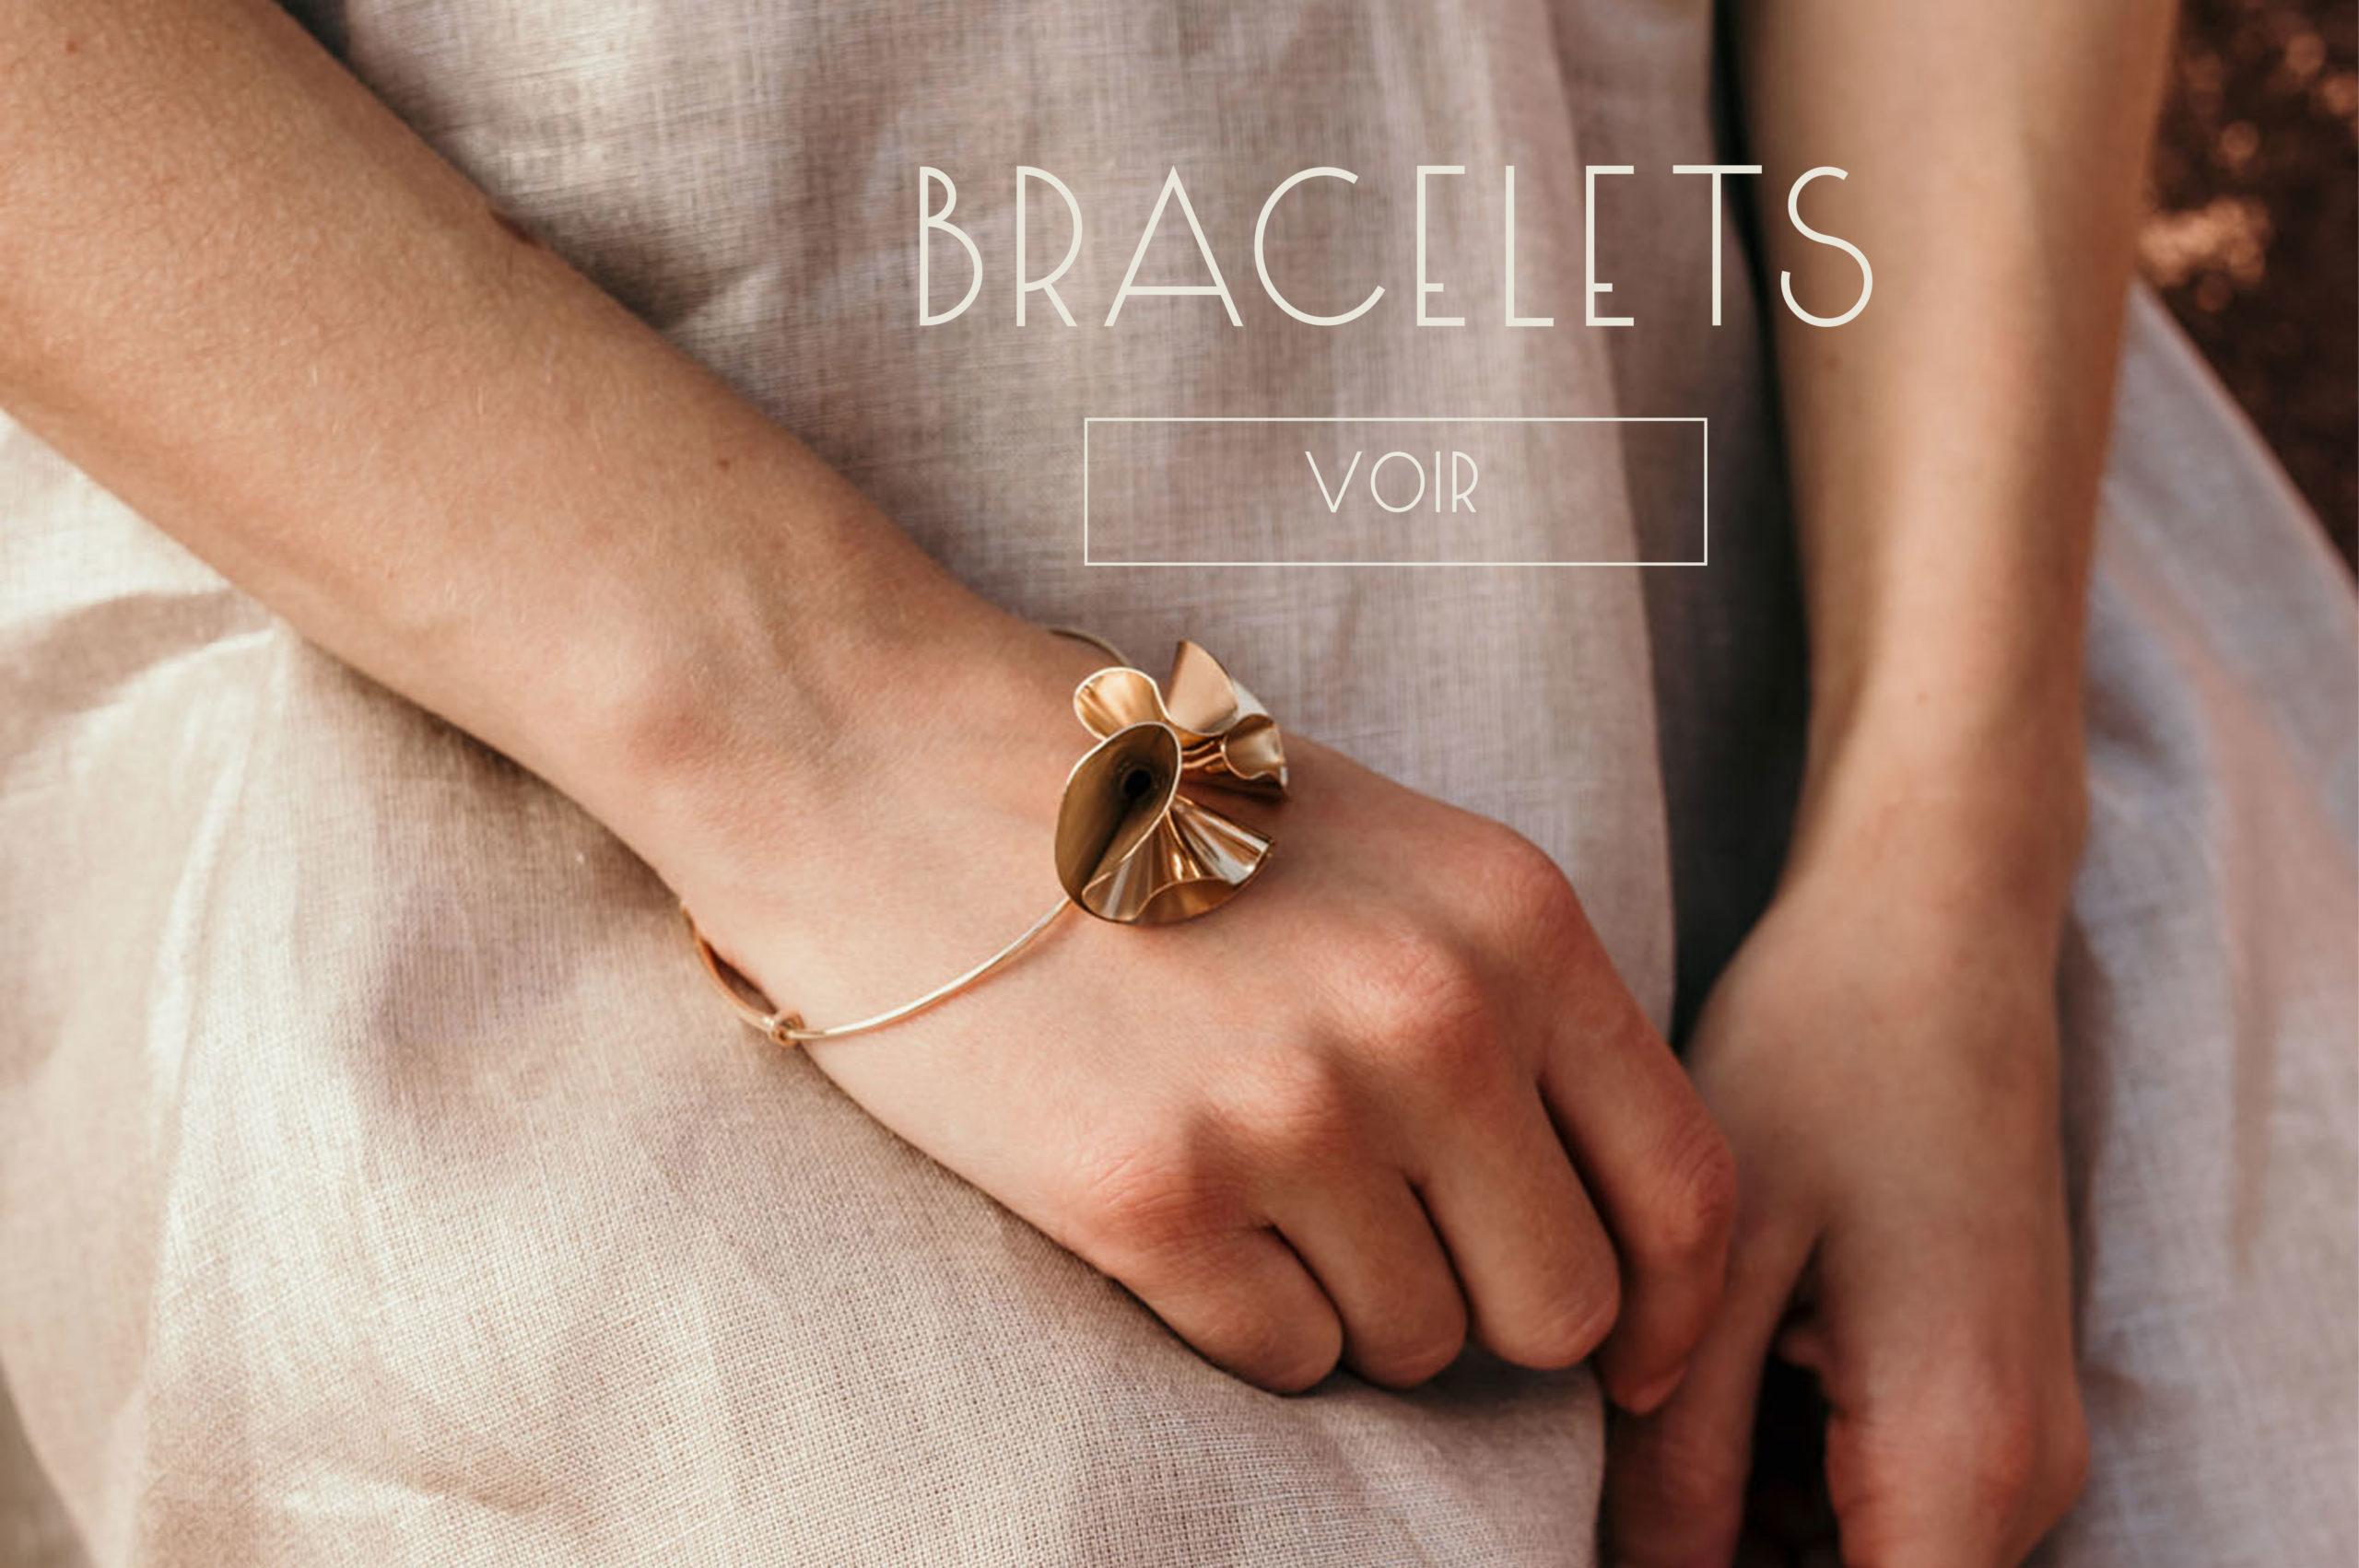 bracelets unfold